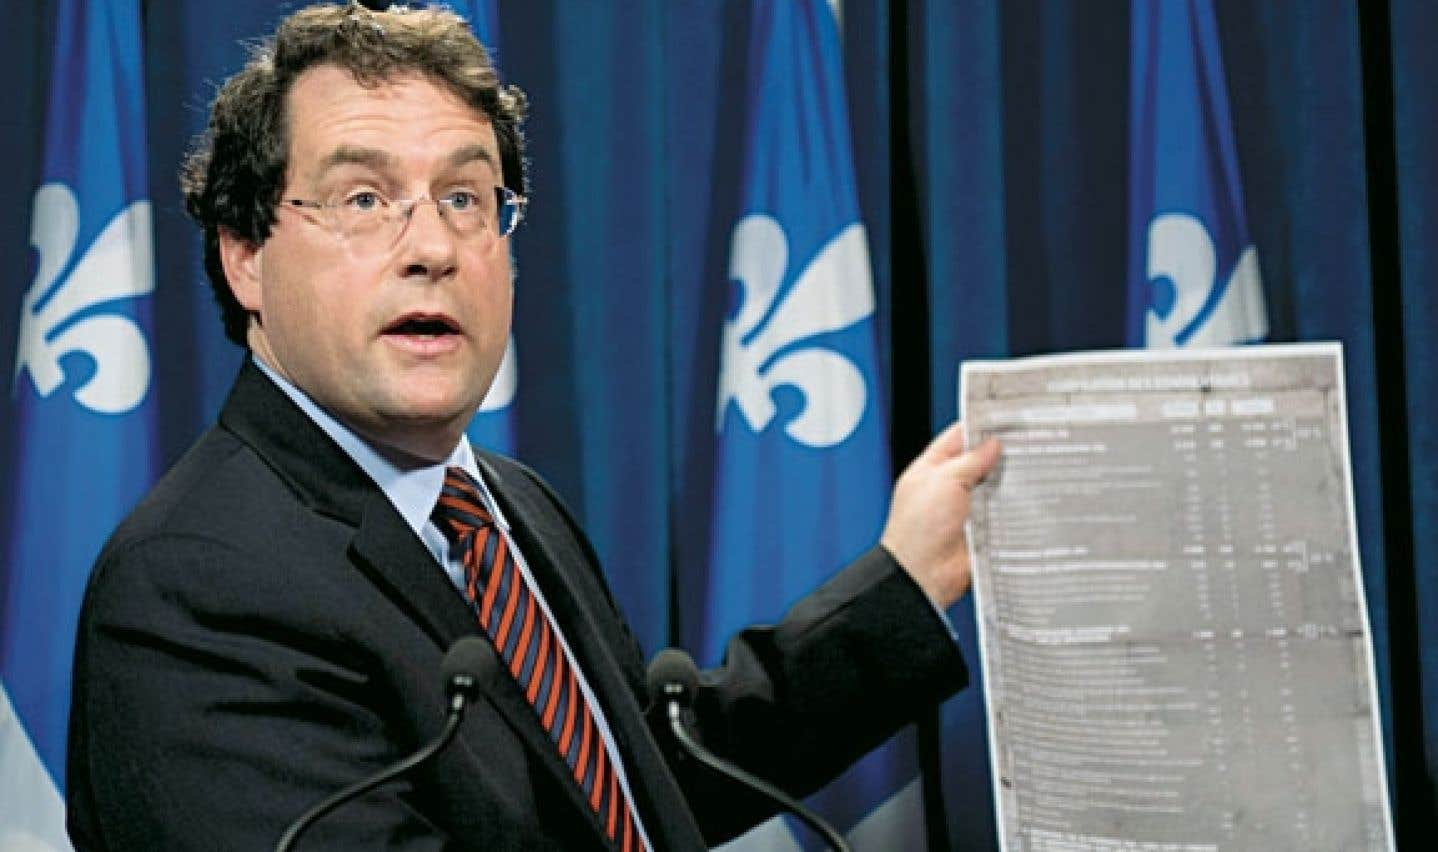 Charte des valeurs québécoises - L'opposition appelle au compromis